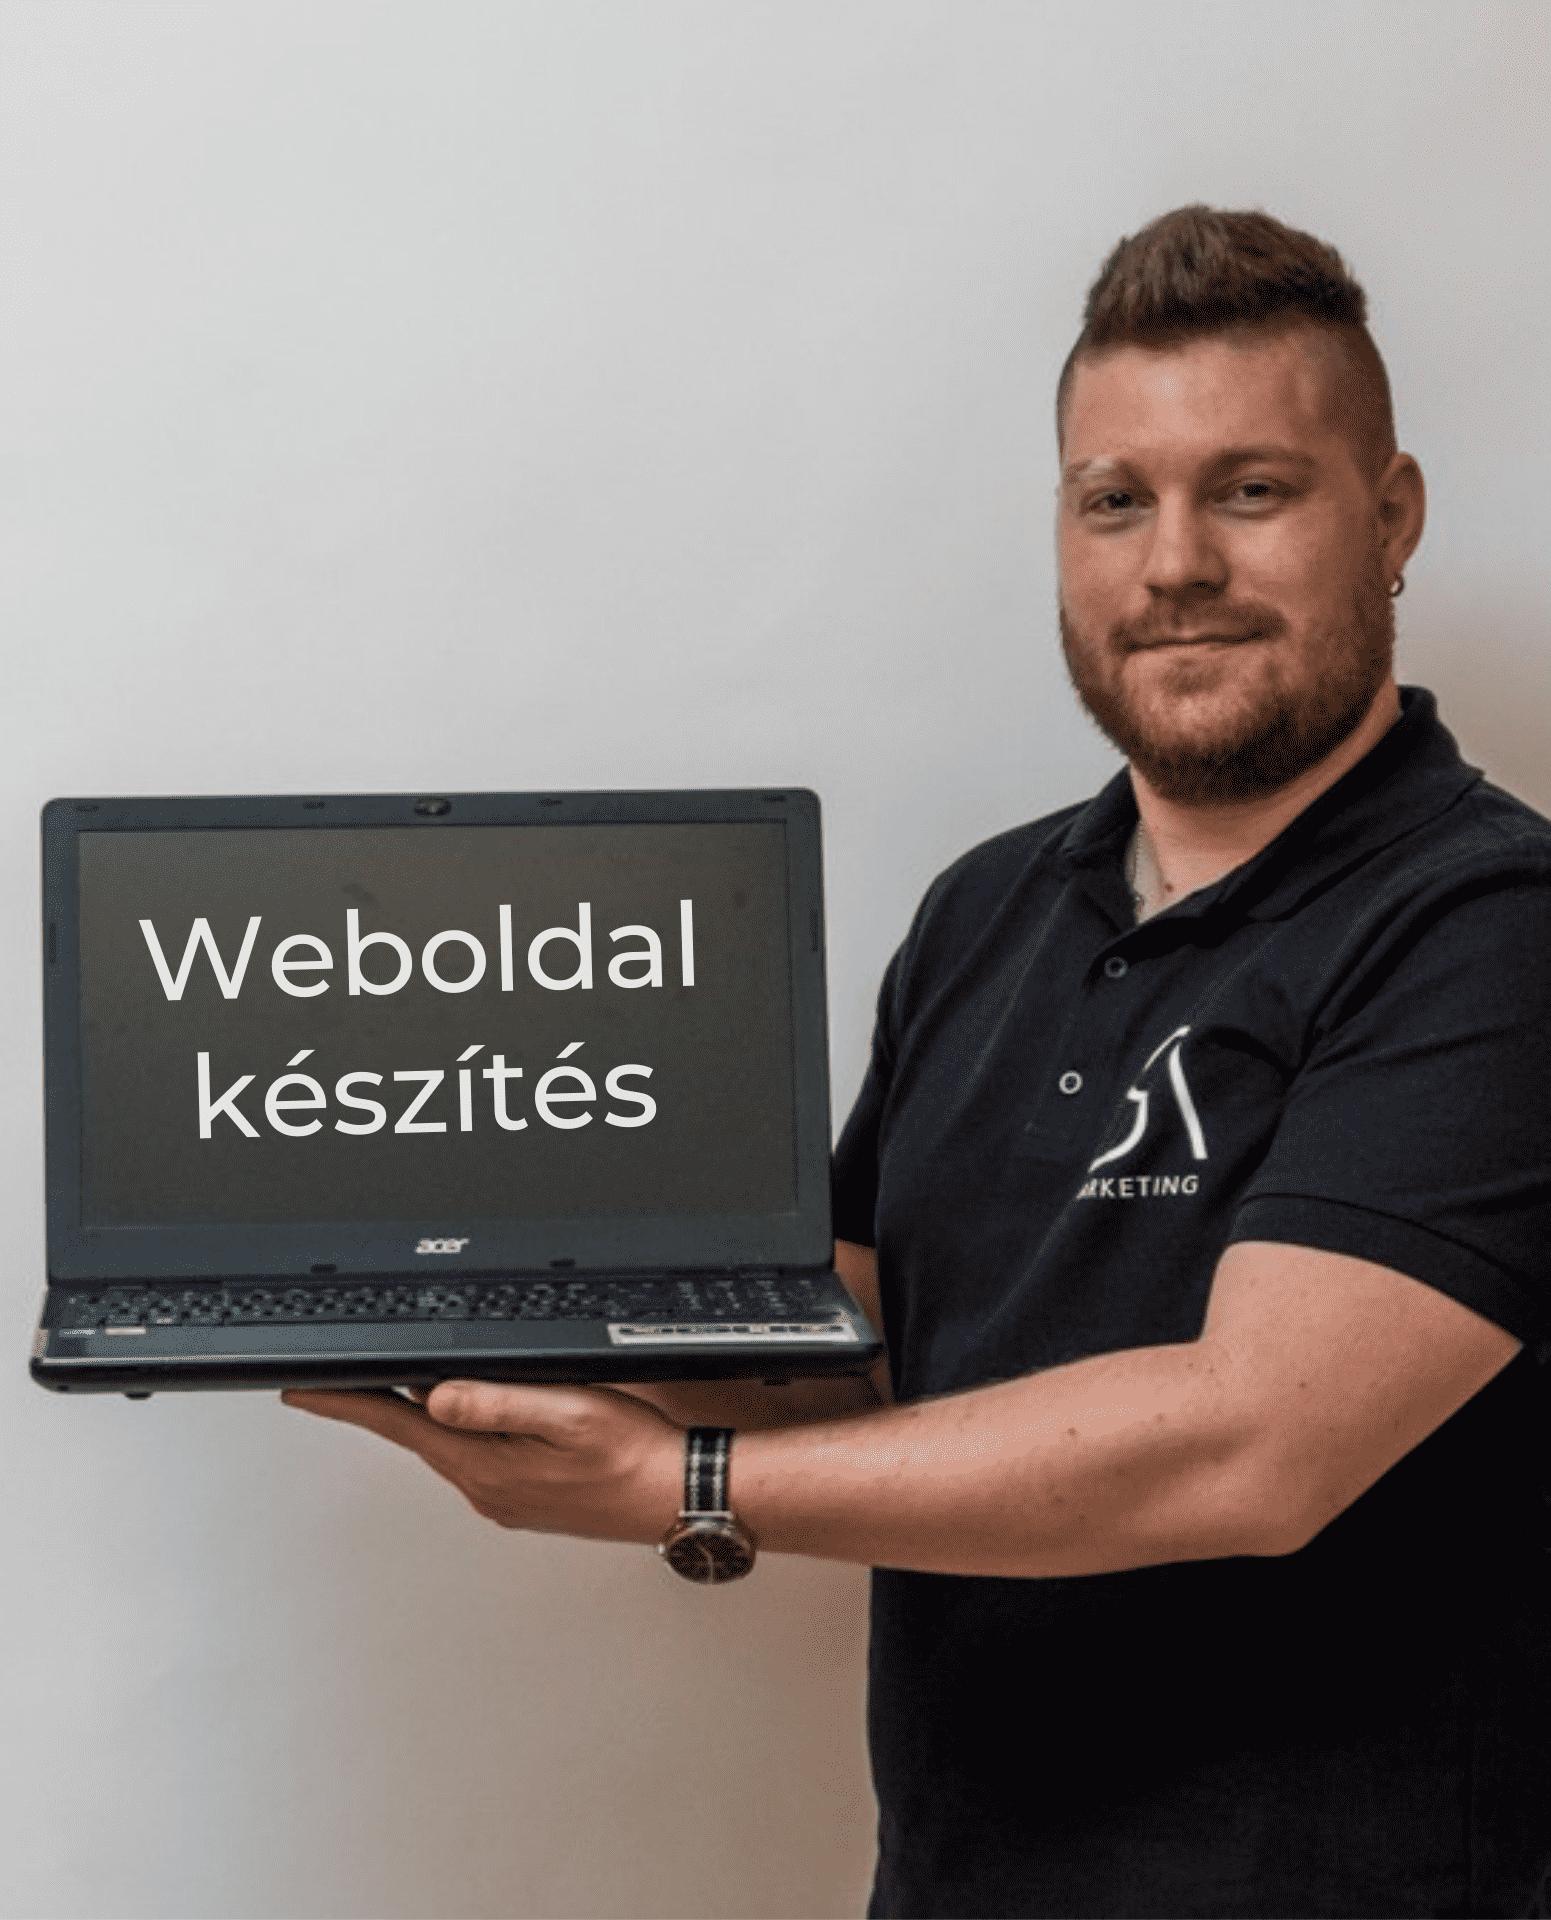 weboldal-készítés_optimized